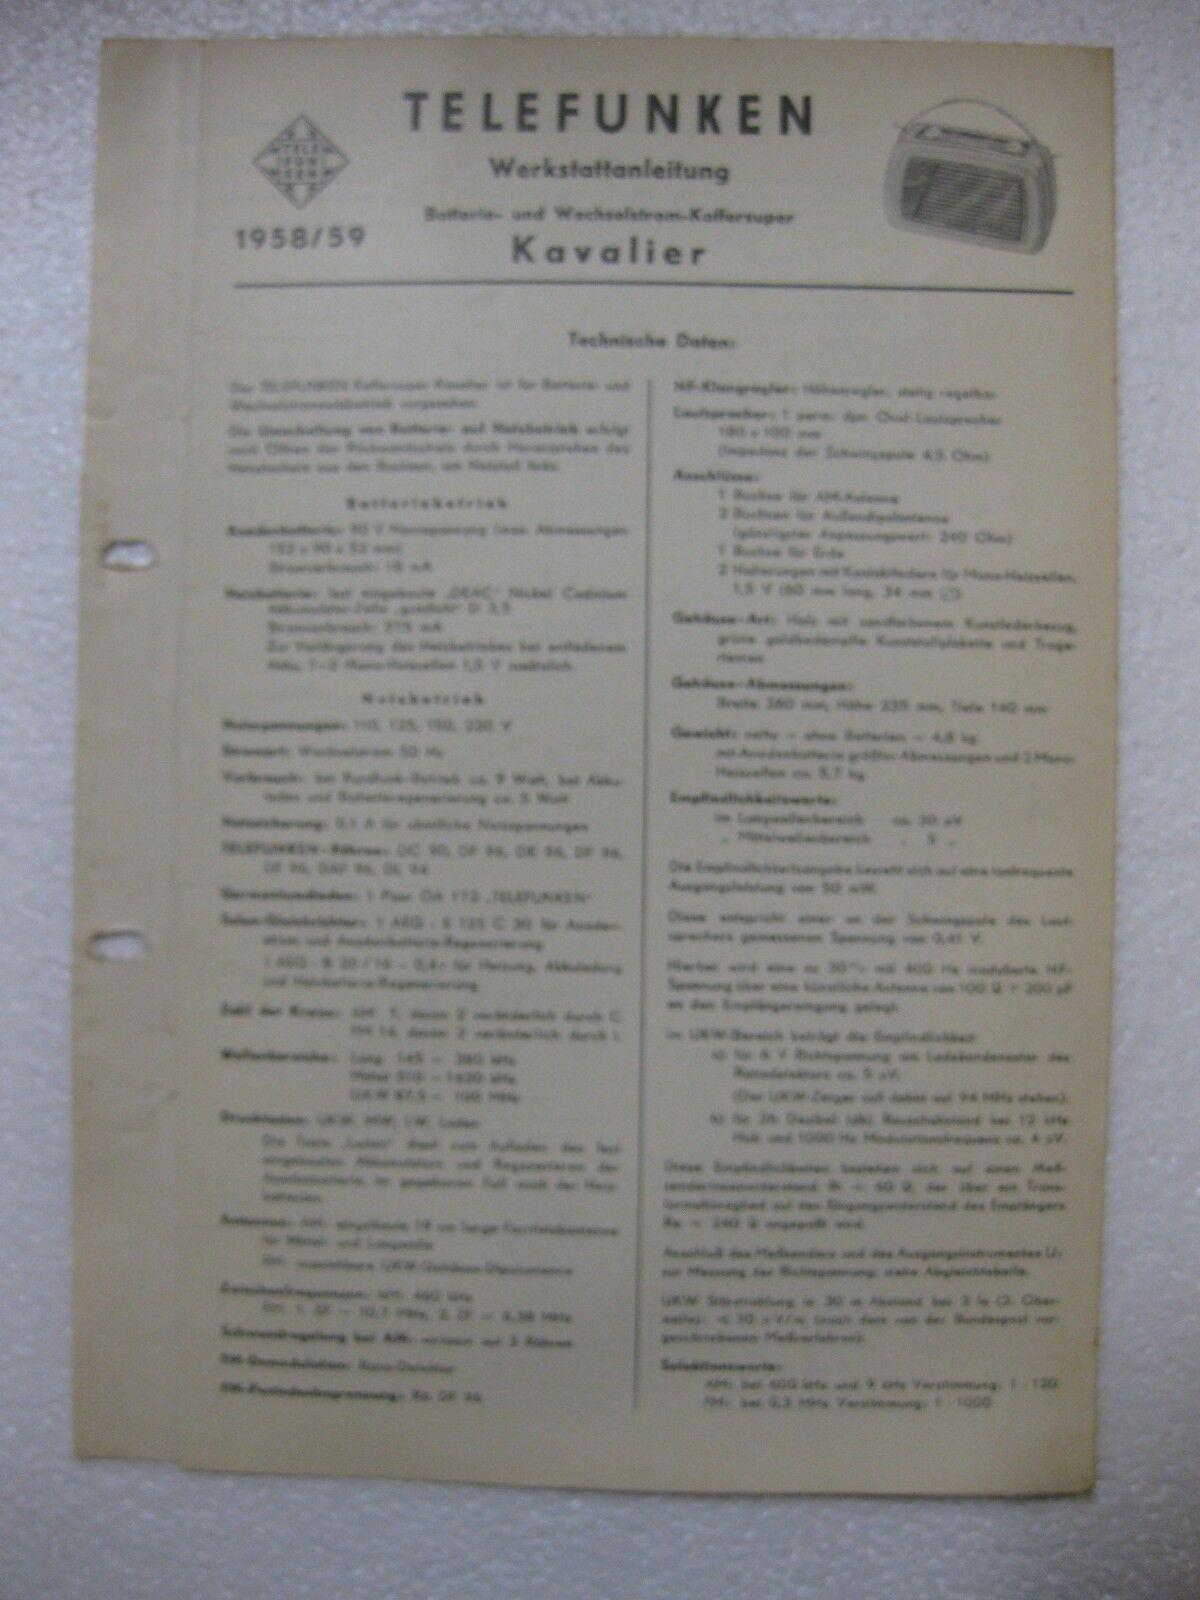 TELEFUNKEN Kavalier Werkstattanleitung / Schaltplan Original 1958/59